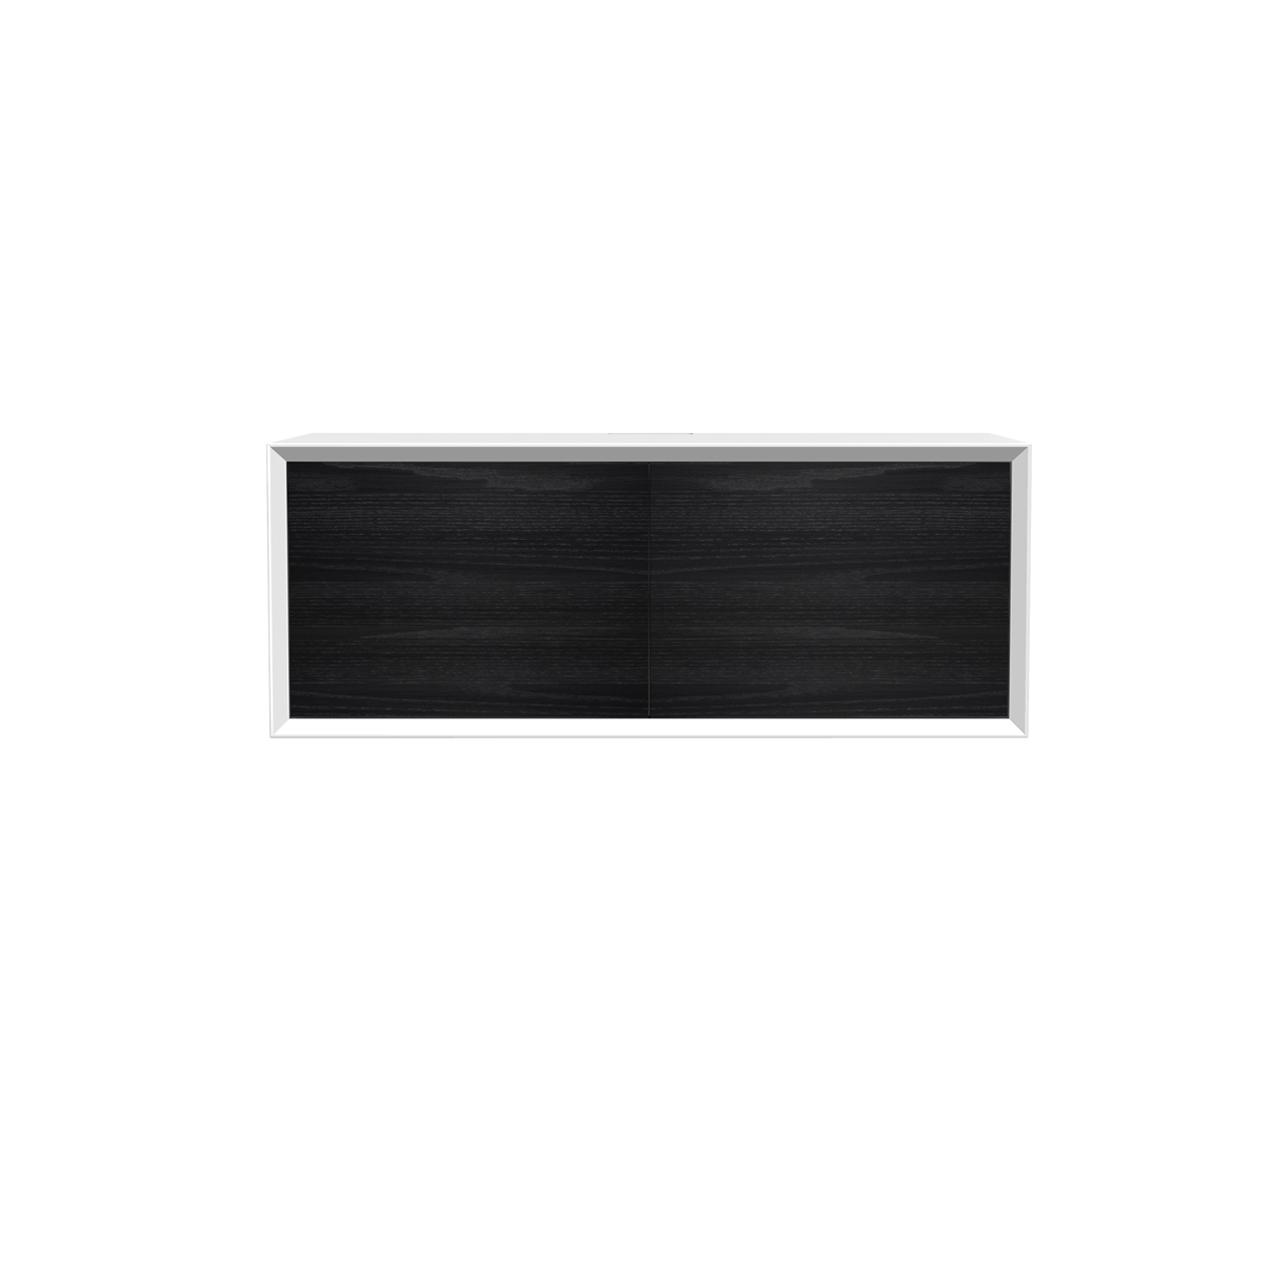 Vägghängd Tv-bänk New Air vit 103 cm, svarta luckor.